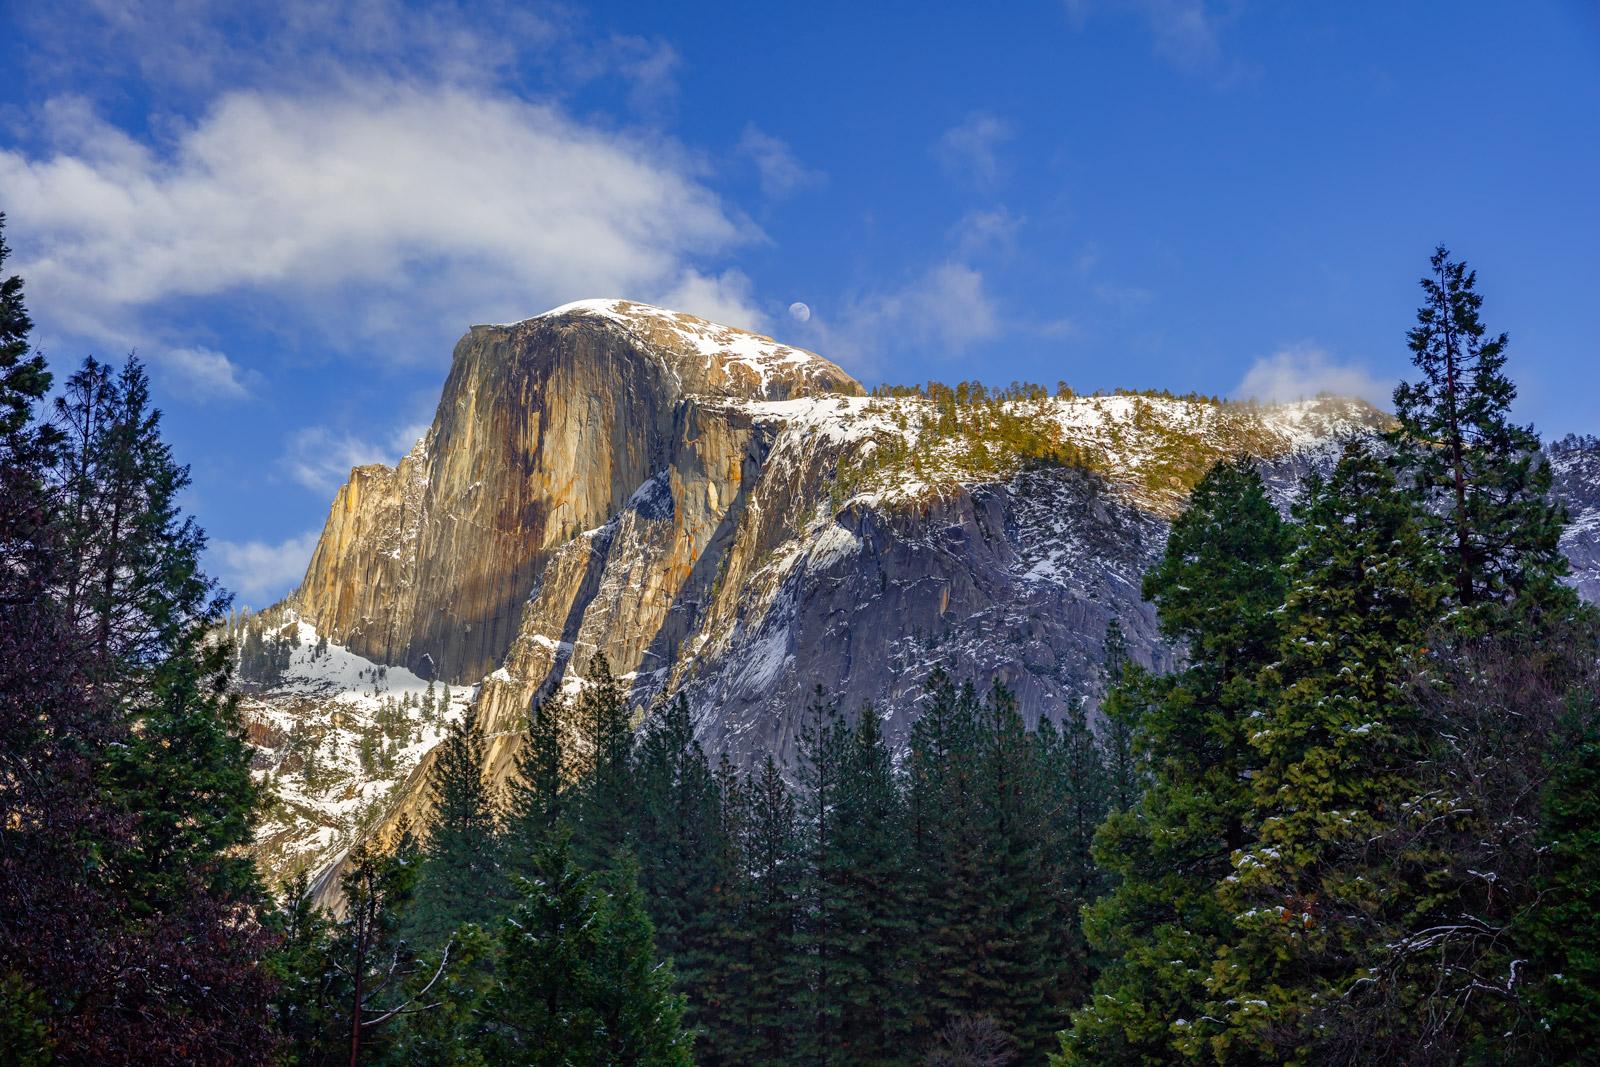 California, Yosemite, Half-dome, Winter, Moonrise, limited edition, photograph, fine art, landscape, photo